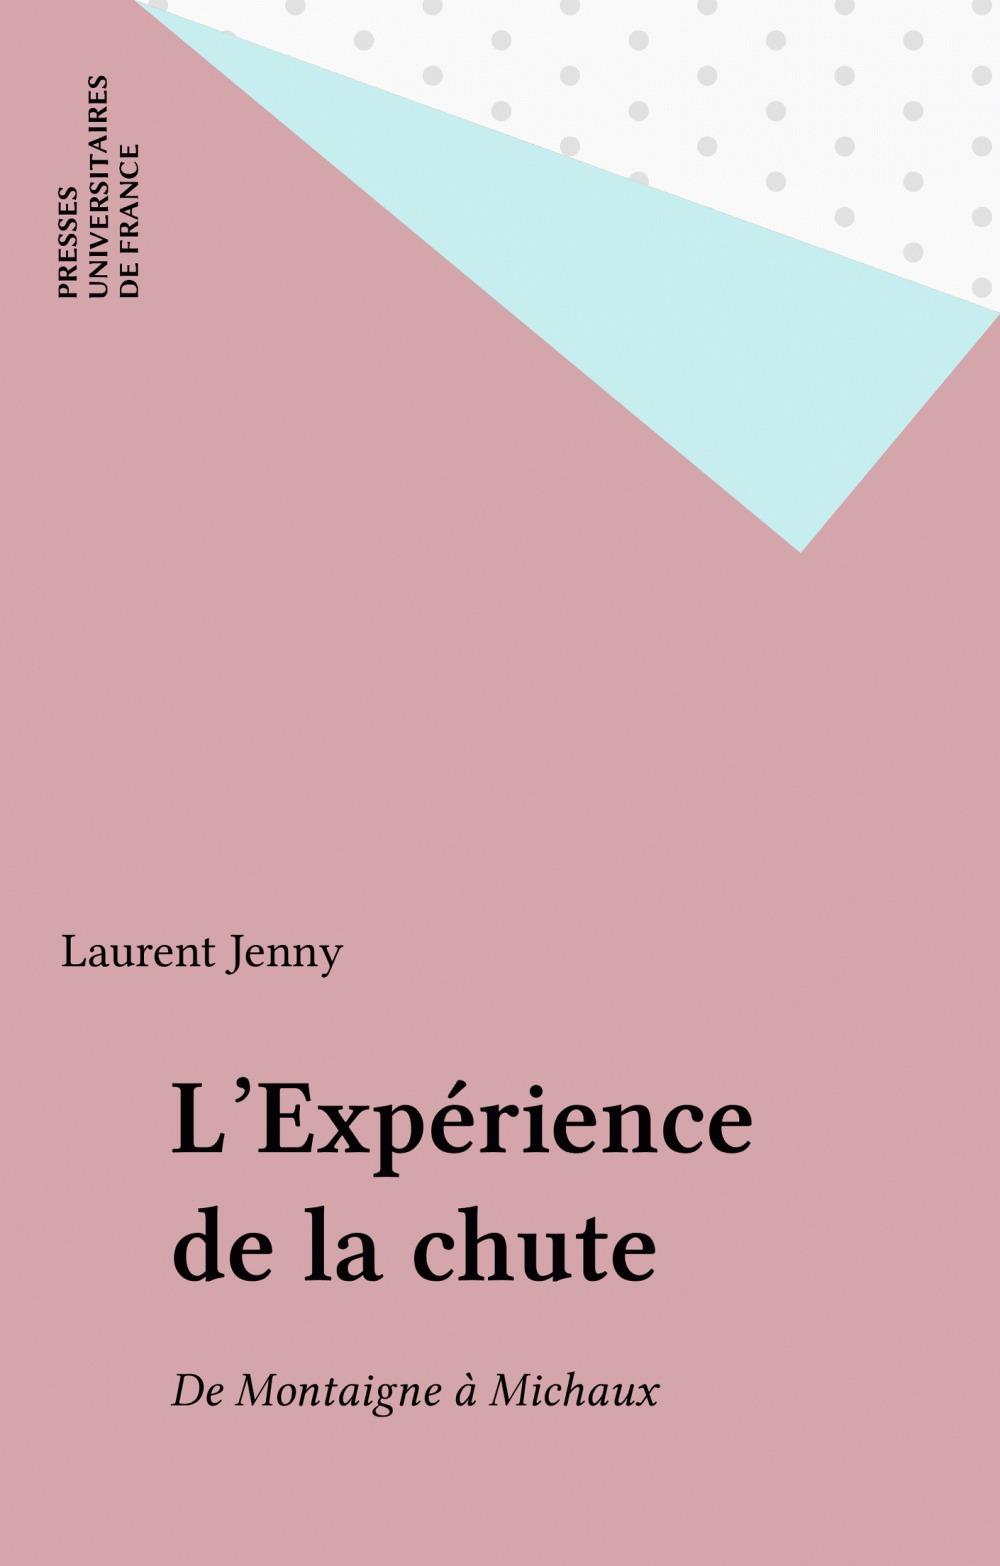 Laurent Jenny L'Expérience de la chute